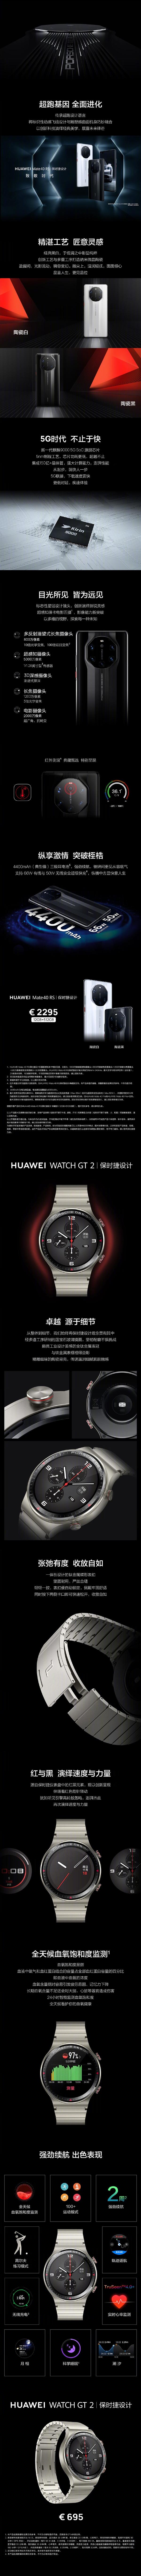 價格超1.8萬元、能測溫 一圖看懂華為Mate40RS保時捷設計版-圖4